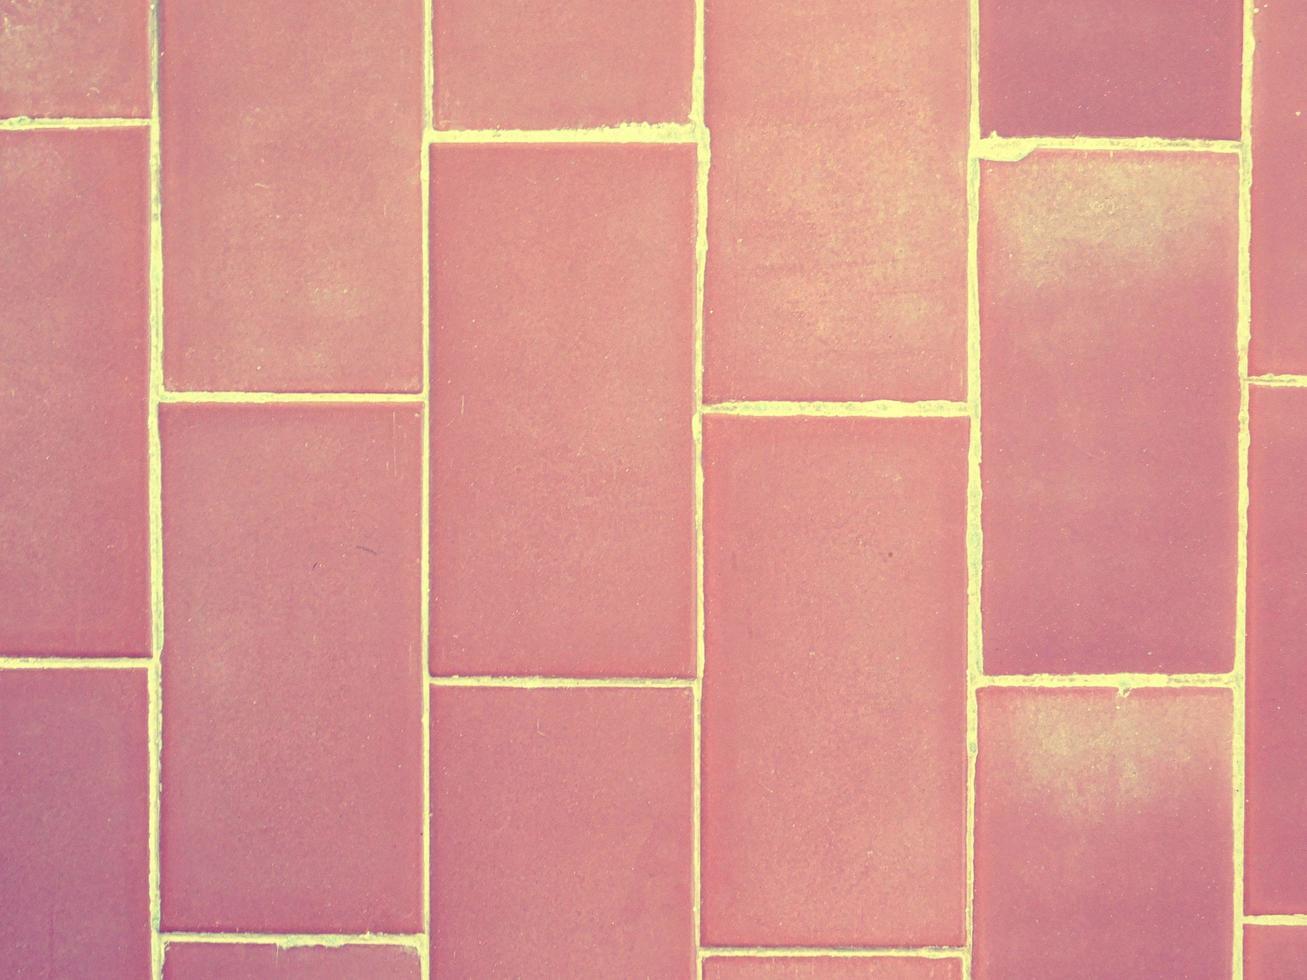 baksteen textuur op achtergrond foto